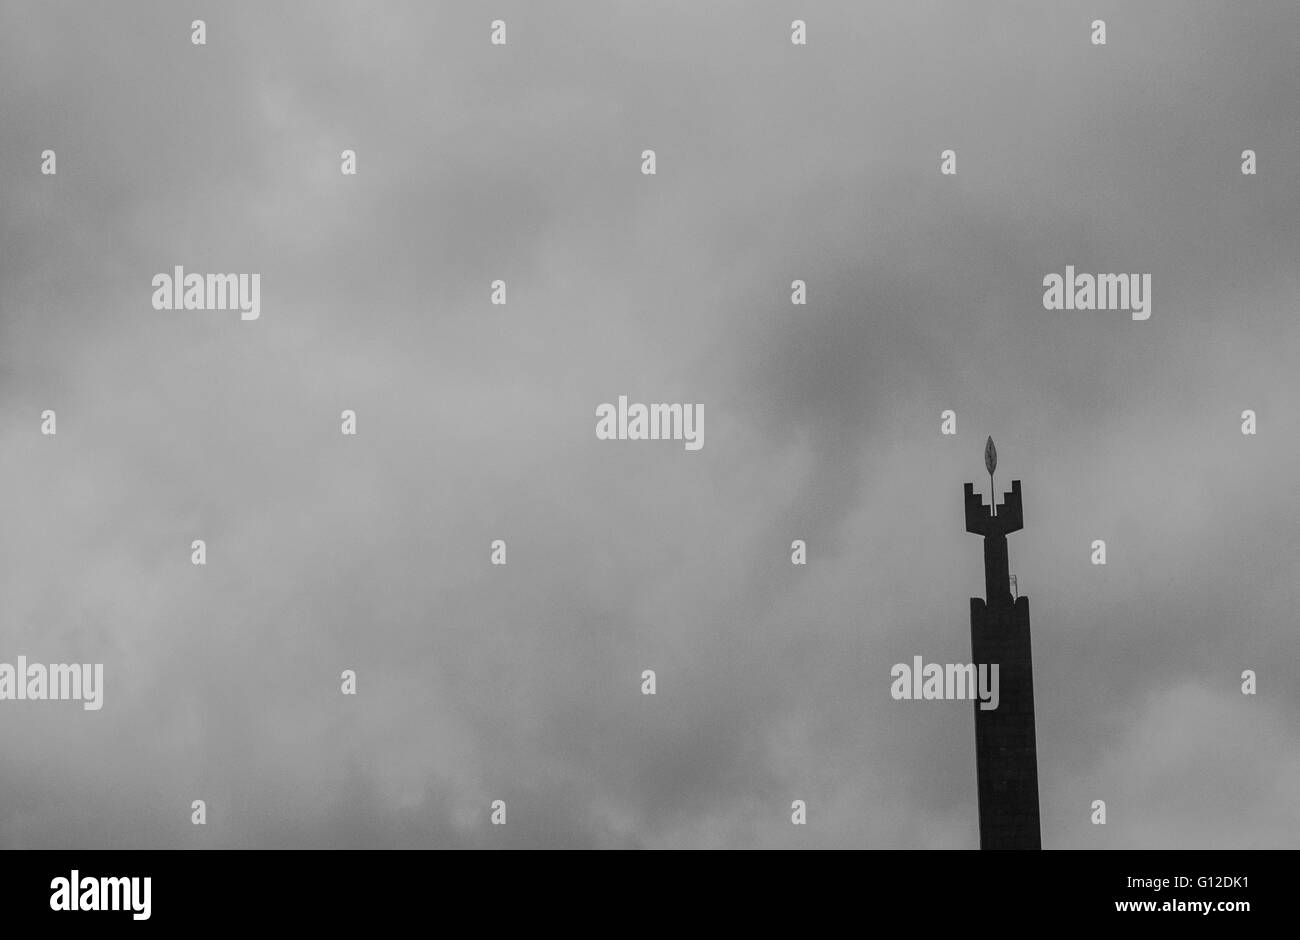 Museum tower Yerevan Armenia - Stock Image